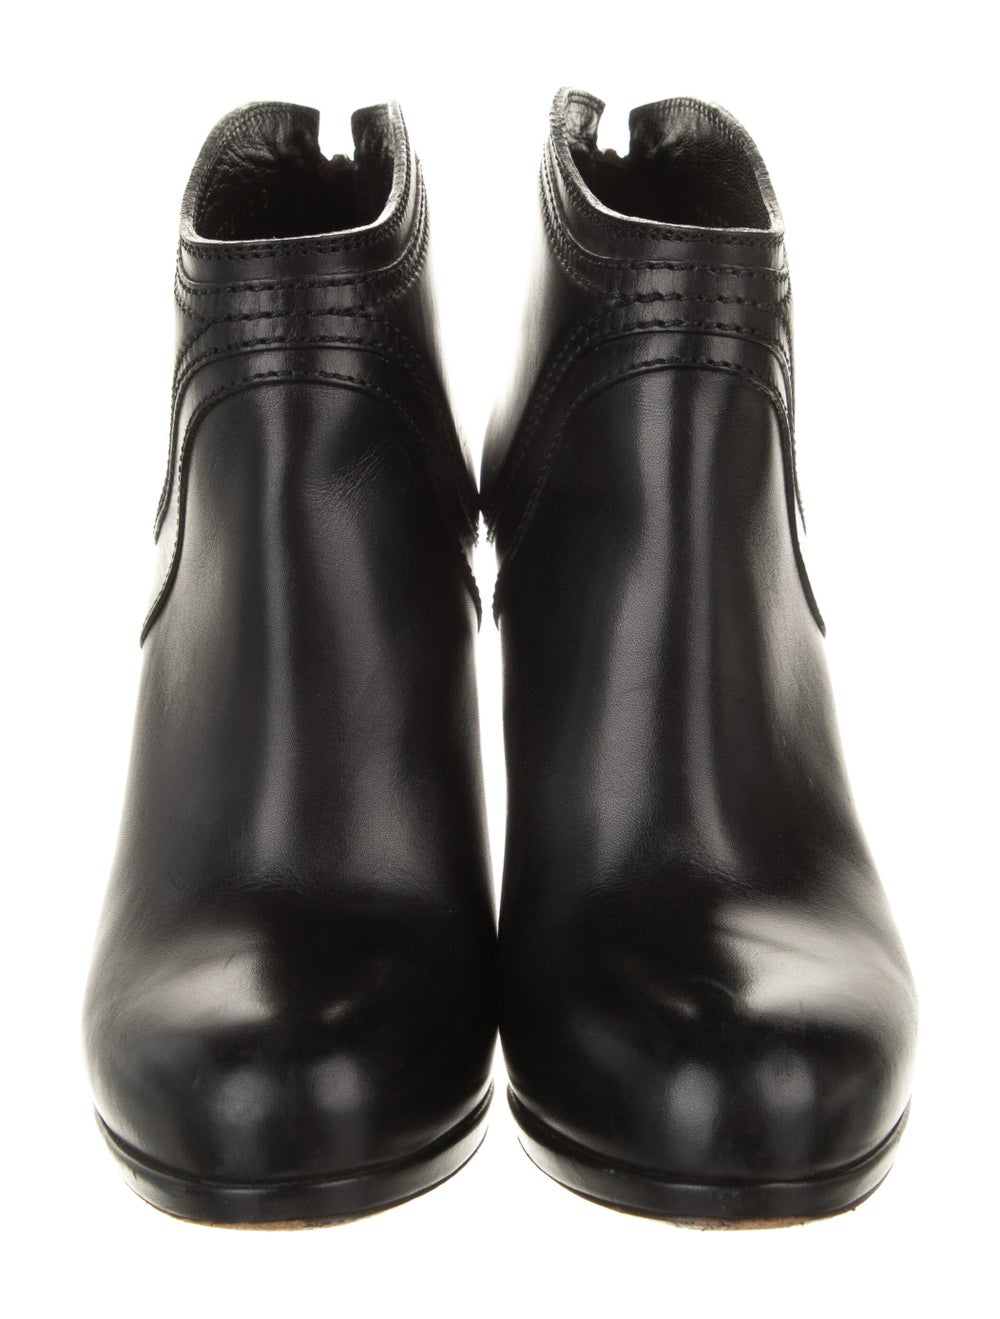 Gucci Diana Hysteria Accent Boots Black - image 3